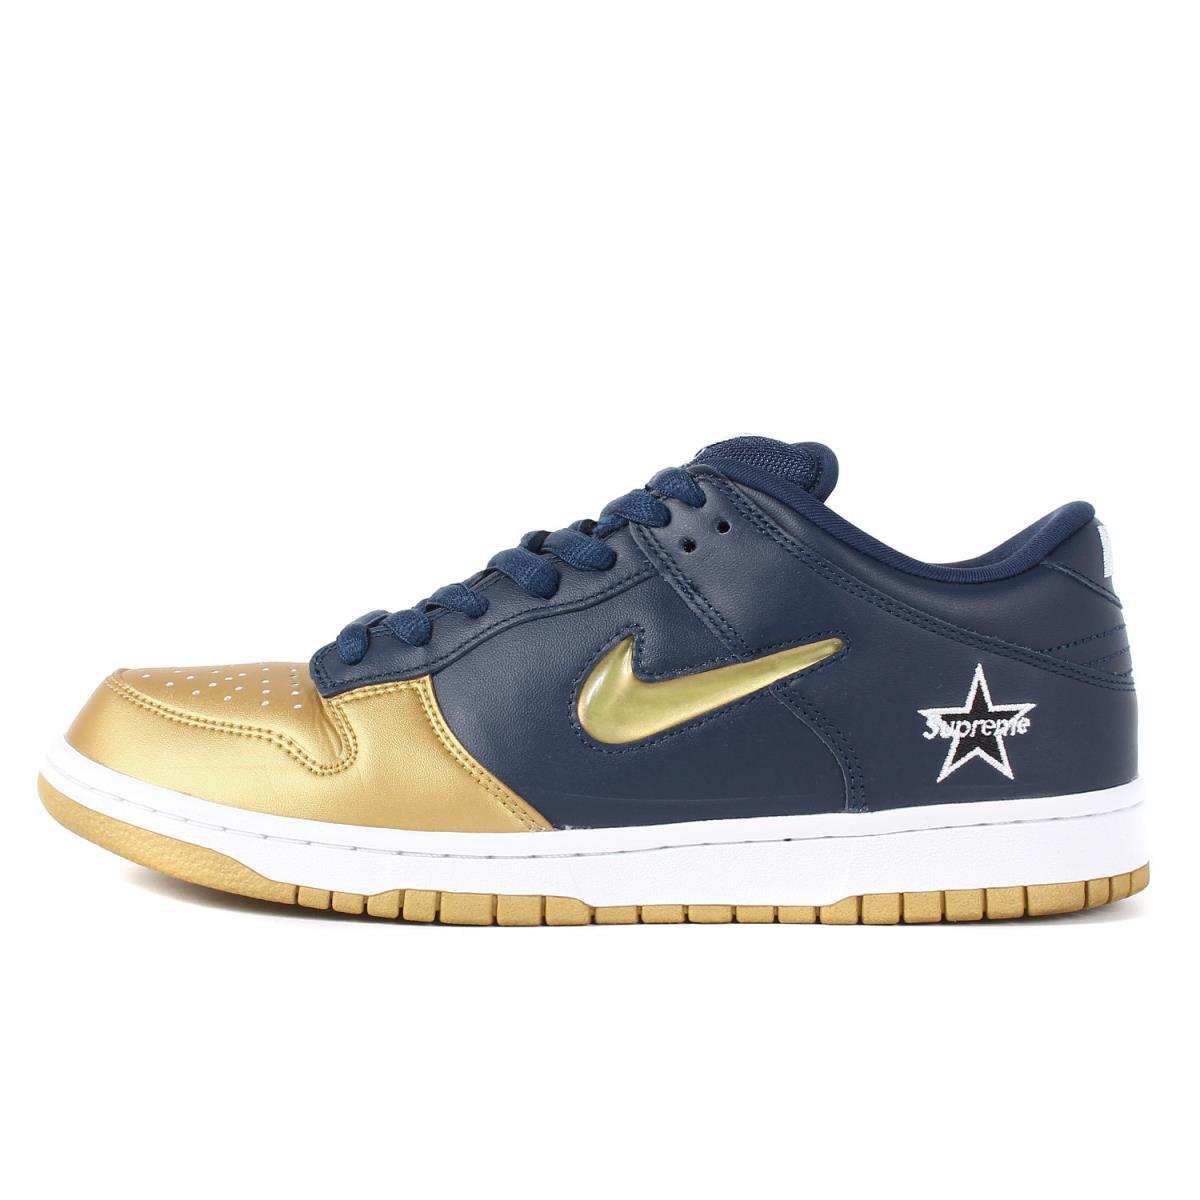 メンズ靴, スニーカー Supreme NIKE SB DUNK LOW OG QS (CK3480-700) 19AW US9.5(27.5cm) K2831